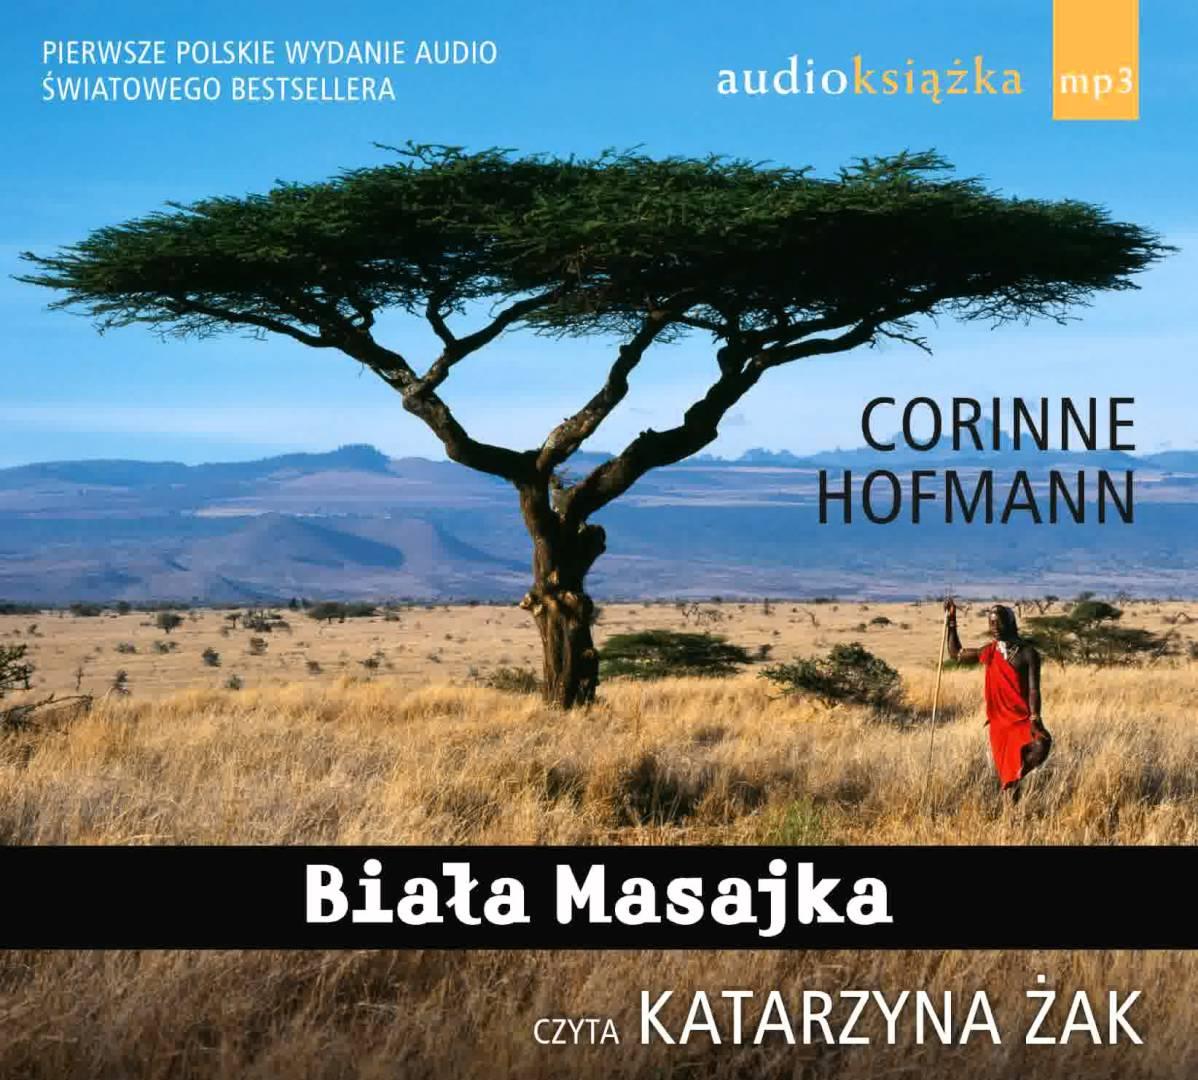 Hofmann Corinne Biała Masajka